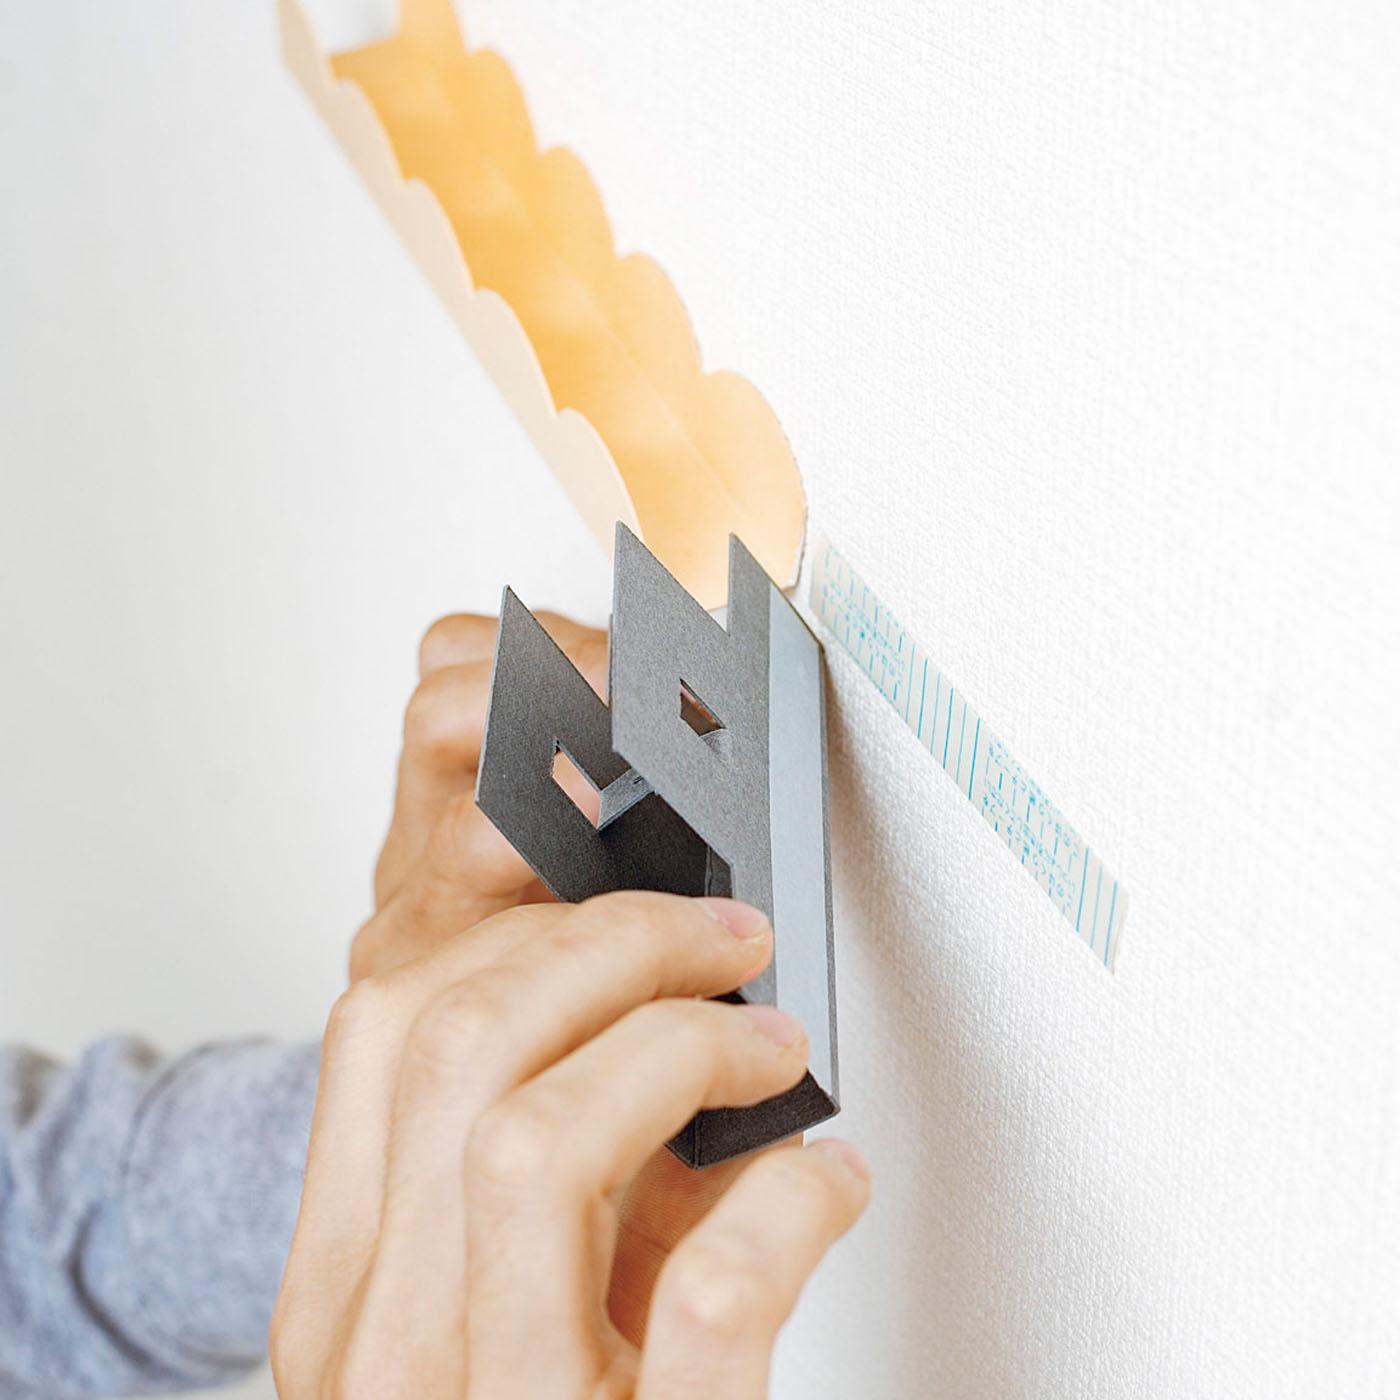 マスキングテープ+両面テープを使っても貼り付けられます。